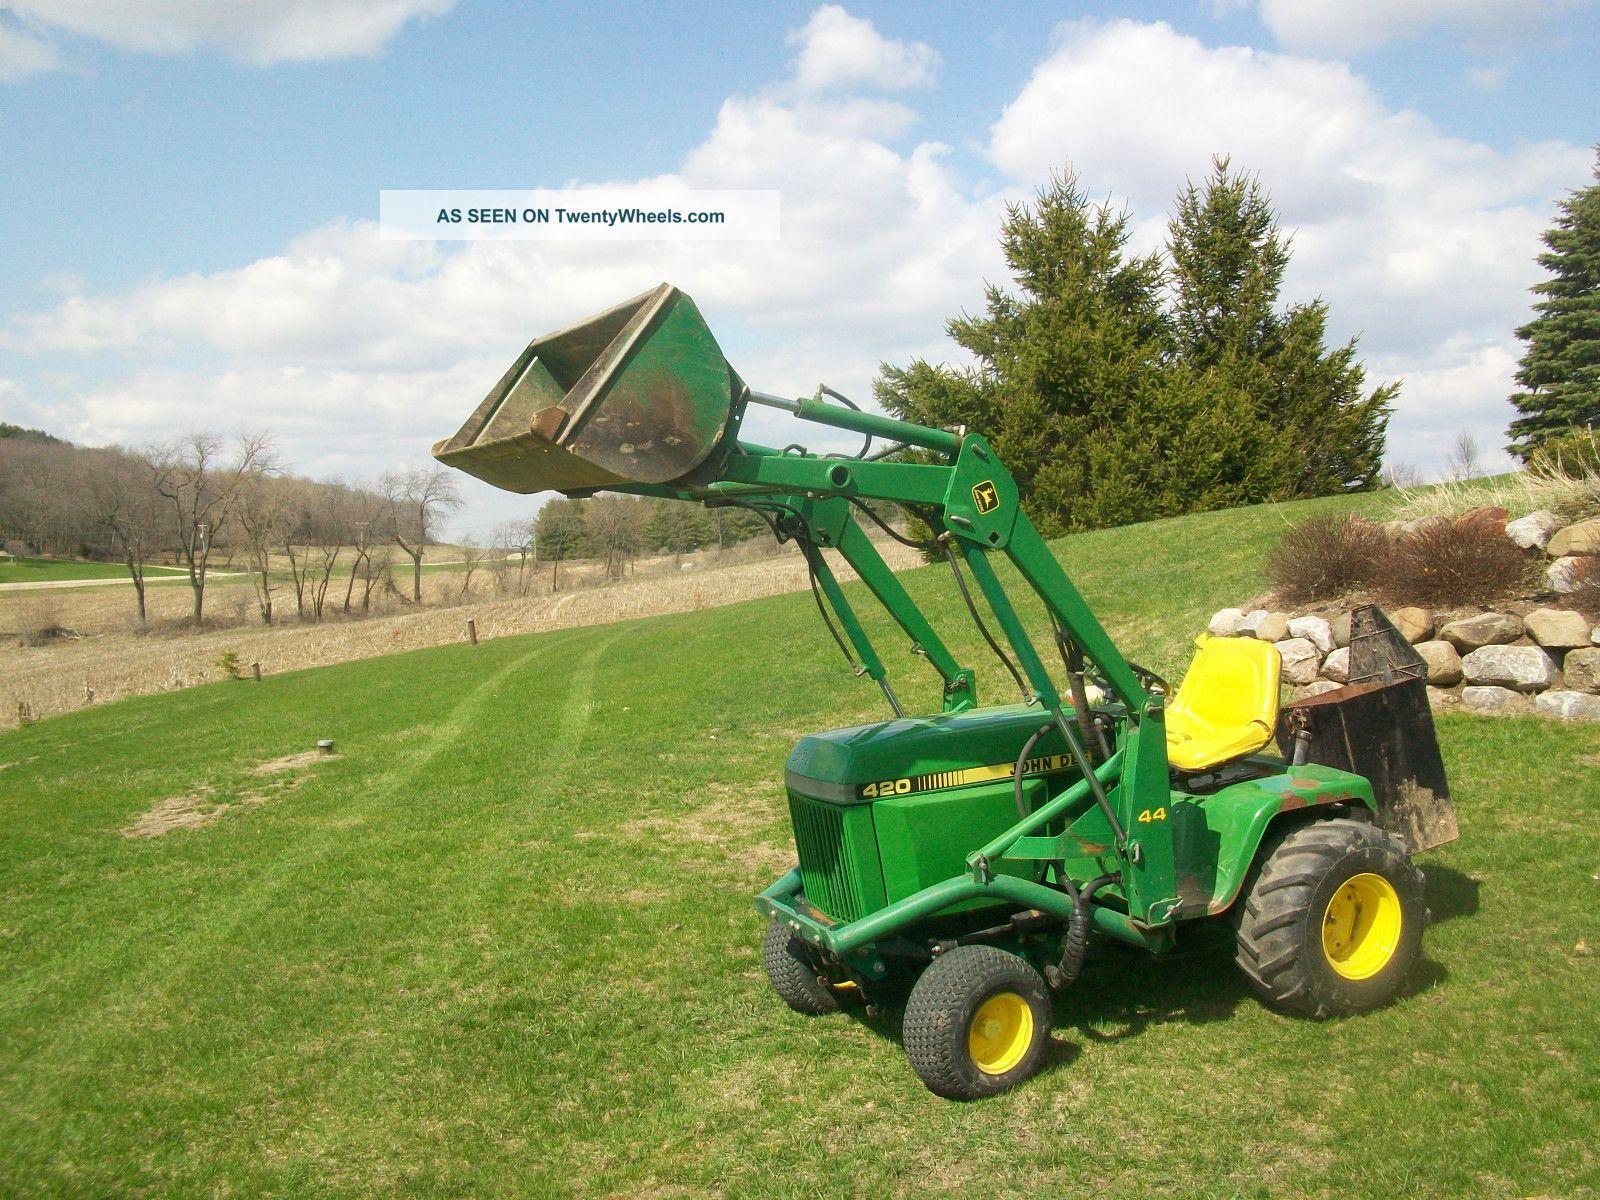 John Deere 420 Garden Tractor John Deere 420 Garden Tractor 3 Point Hitch Jd 44 Hydraulic